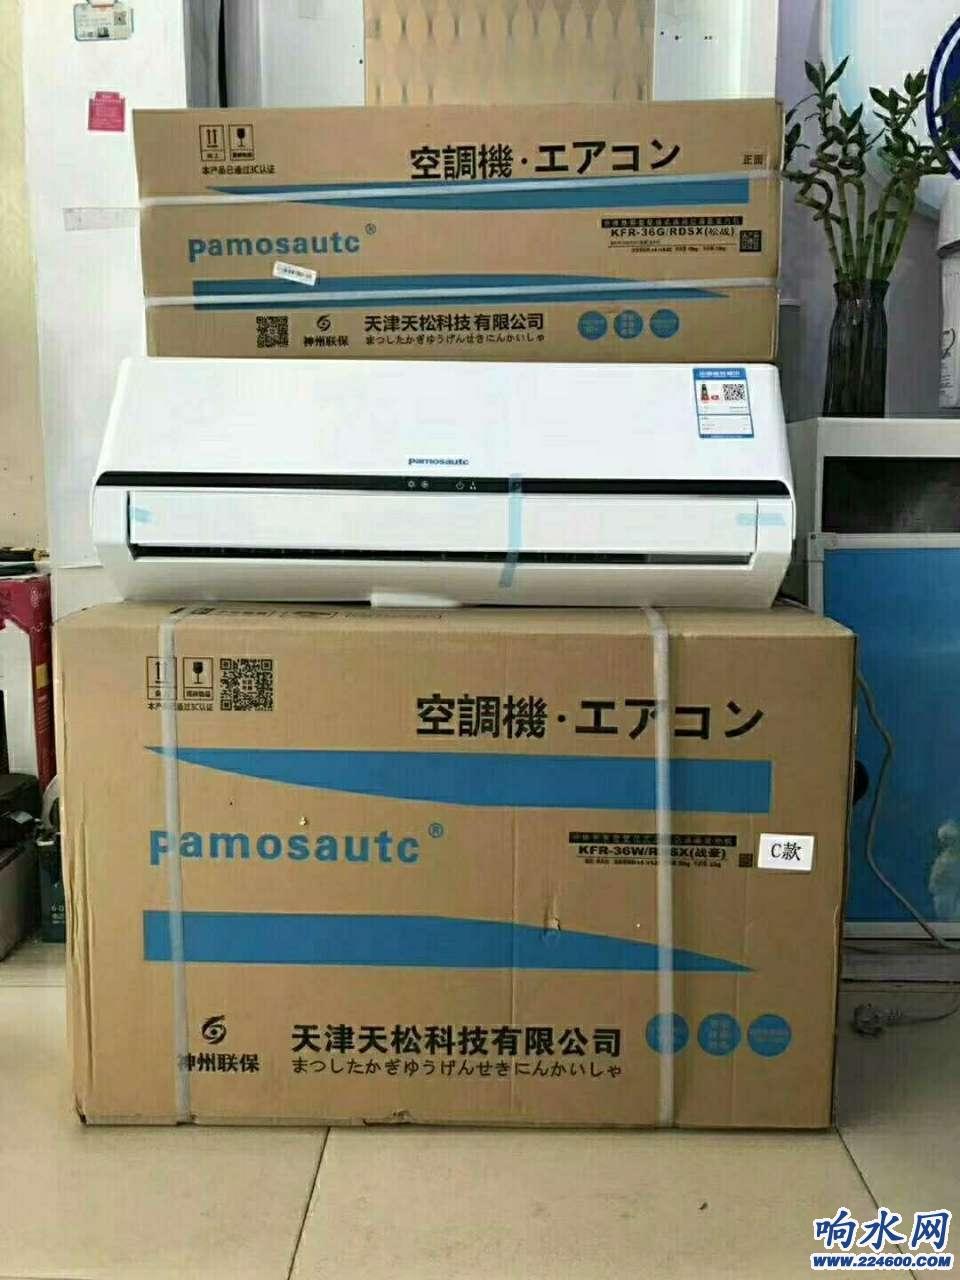 二手空调,出售出租回收移机加氟维修联系电话,137